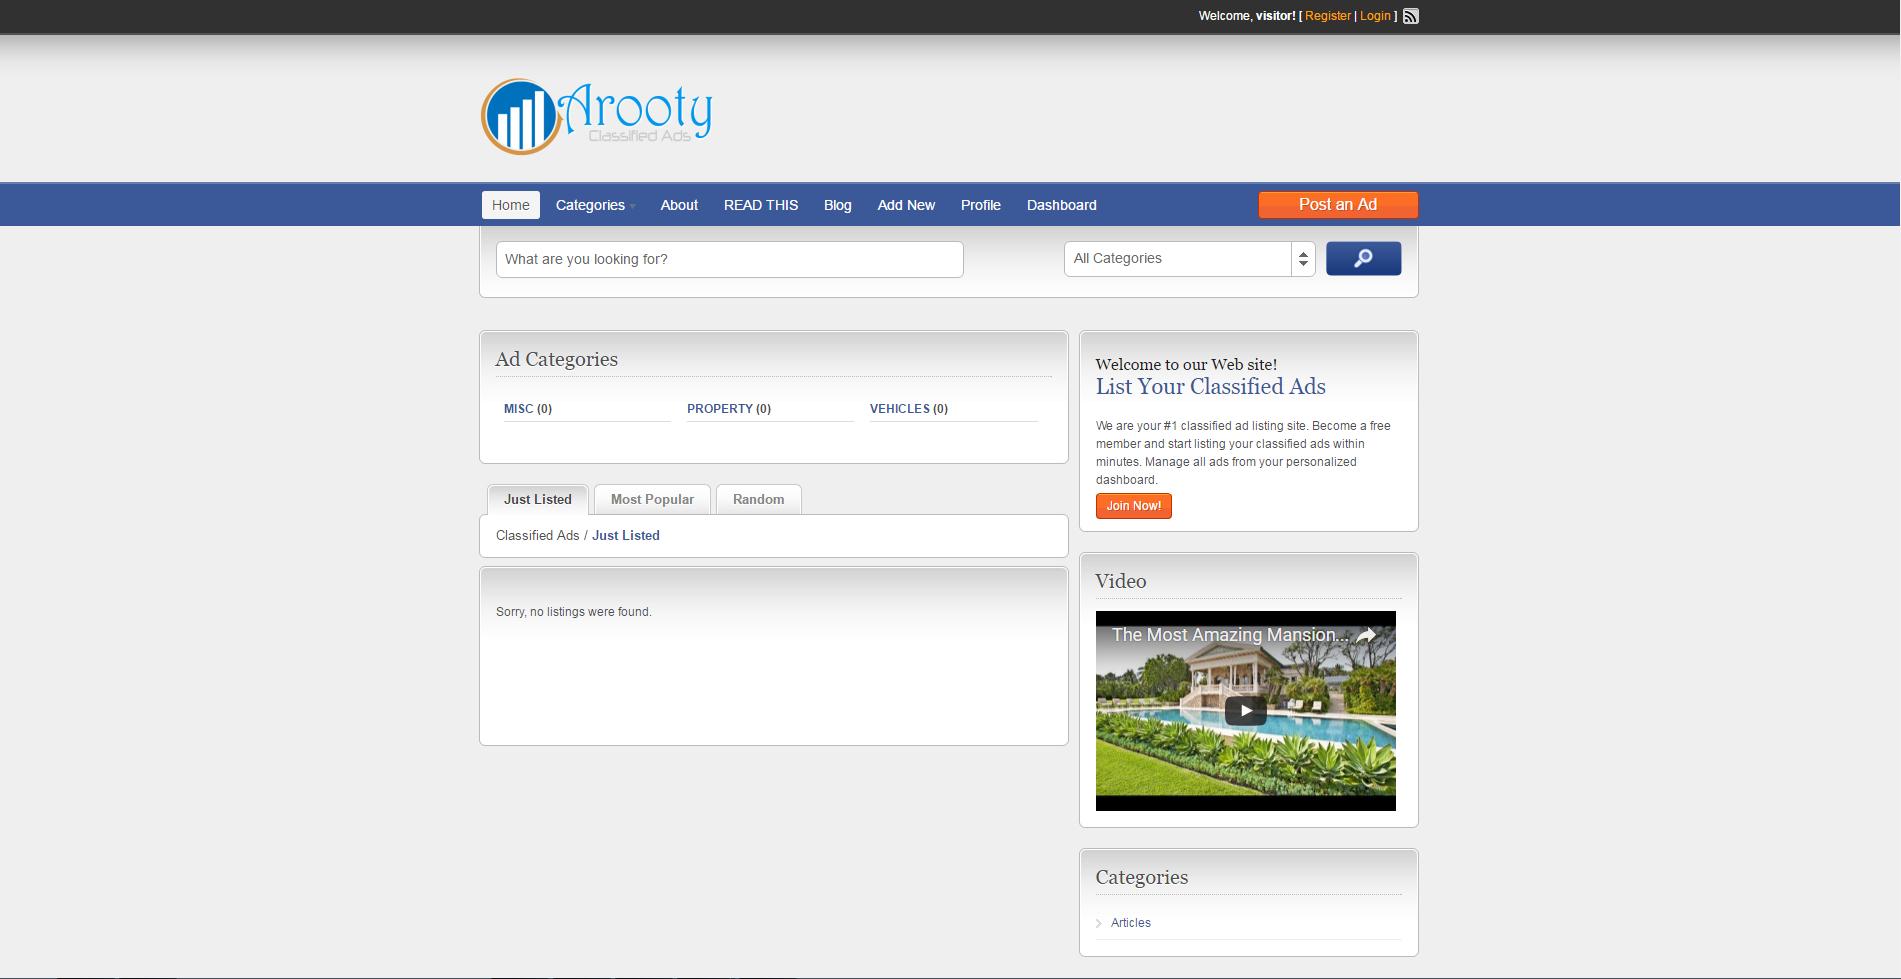 tt-website-design-screenshots19